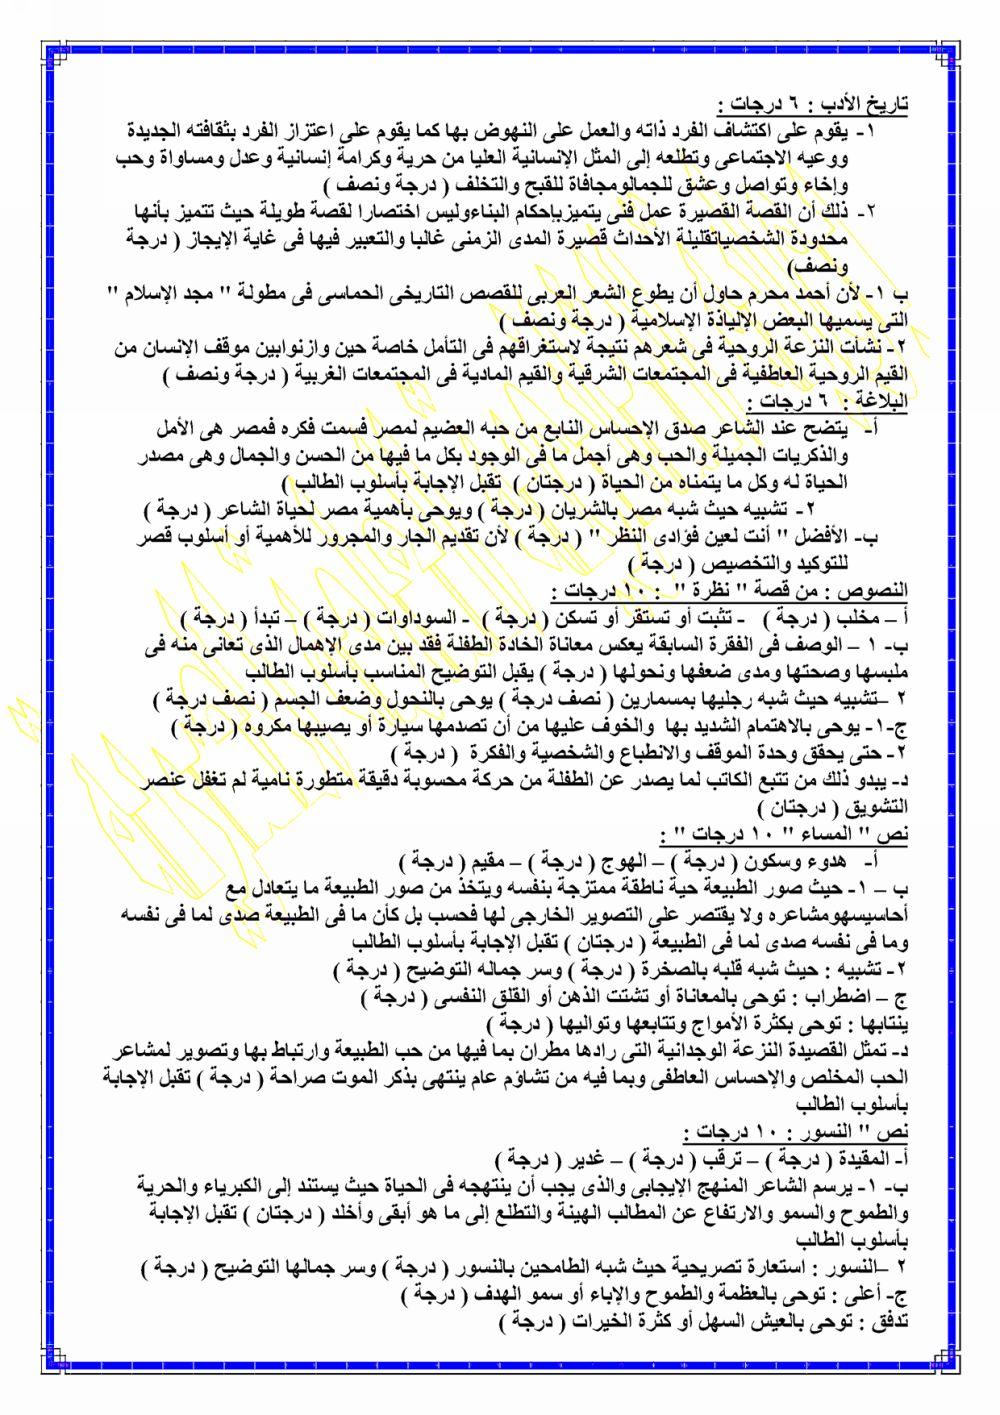 اجابات امتحان اللغة العربية للثانوية العامة 2016 نظام حديث 2